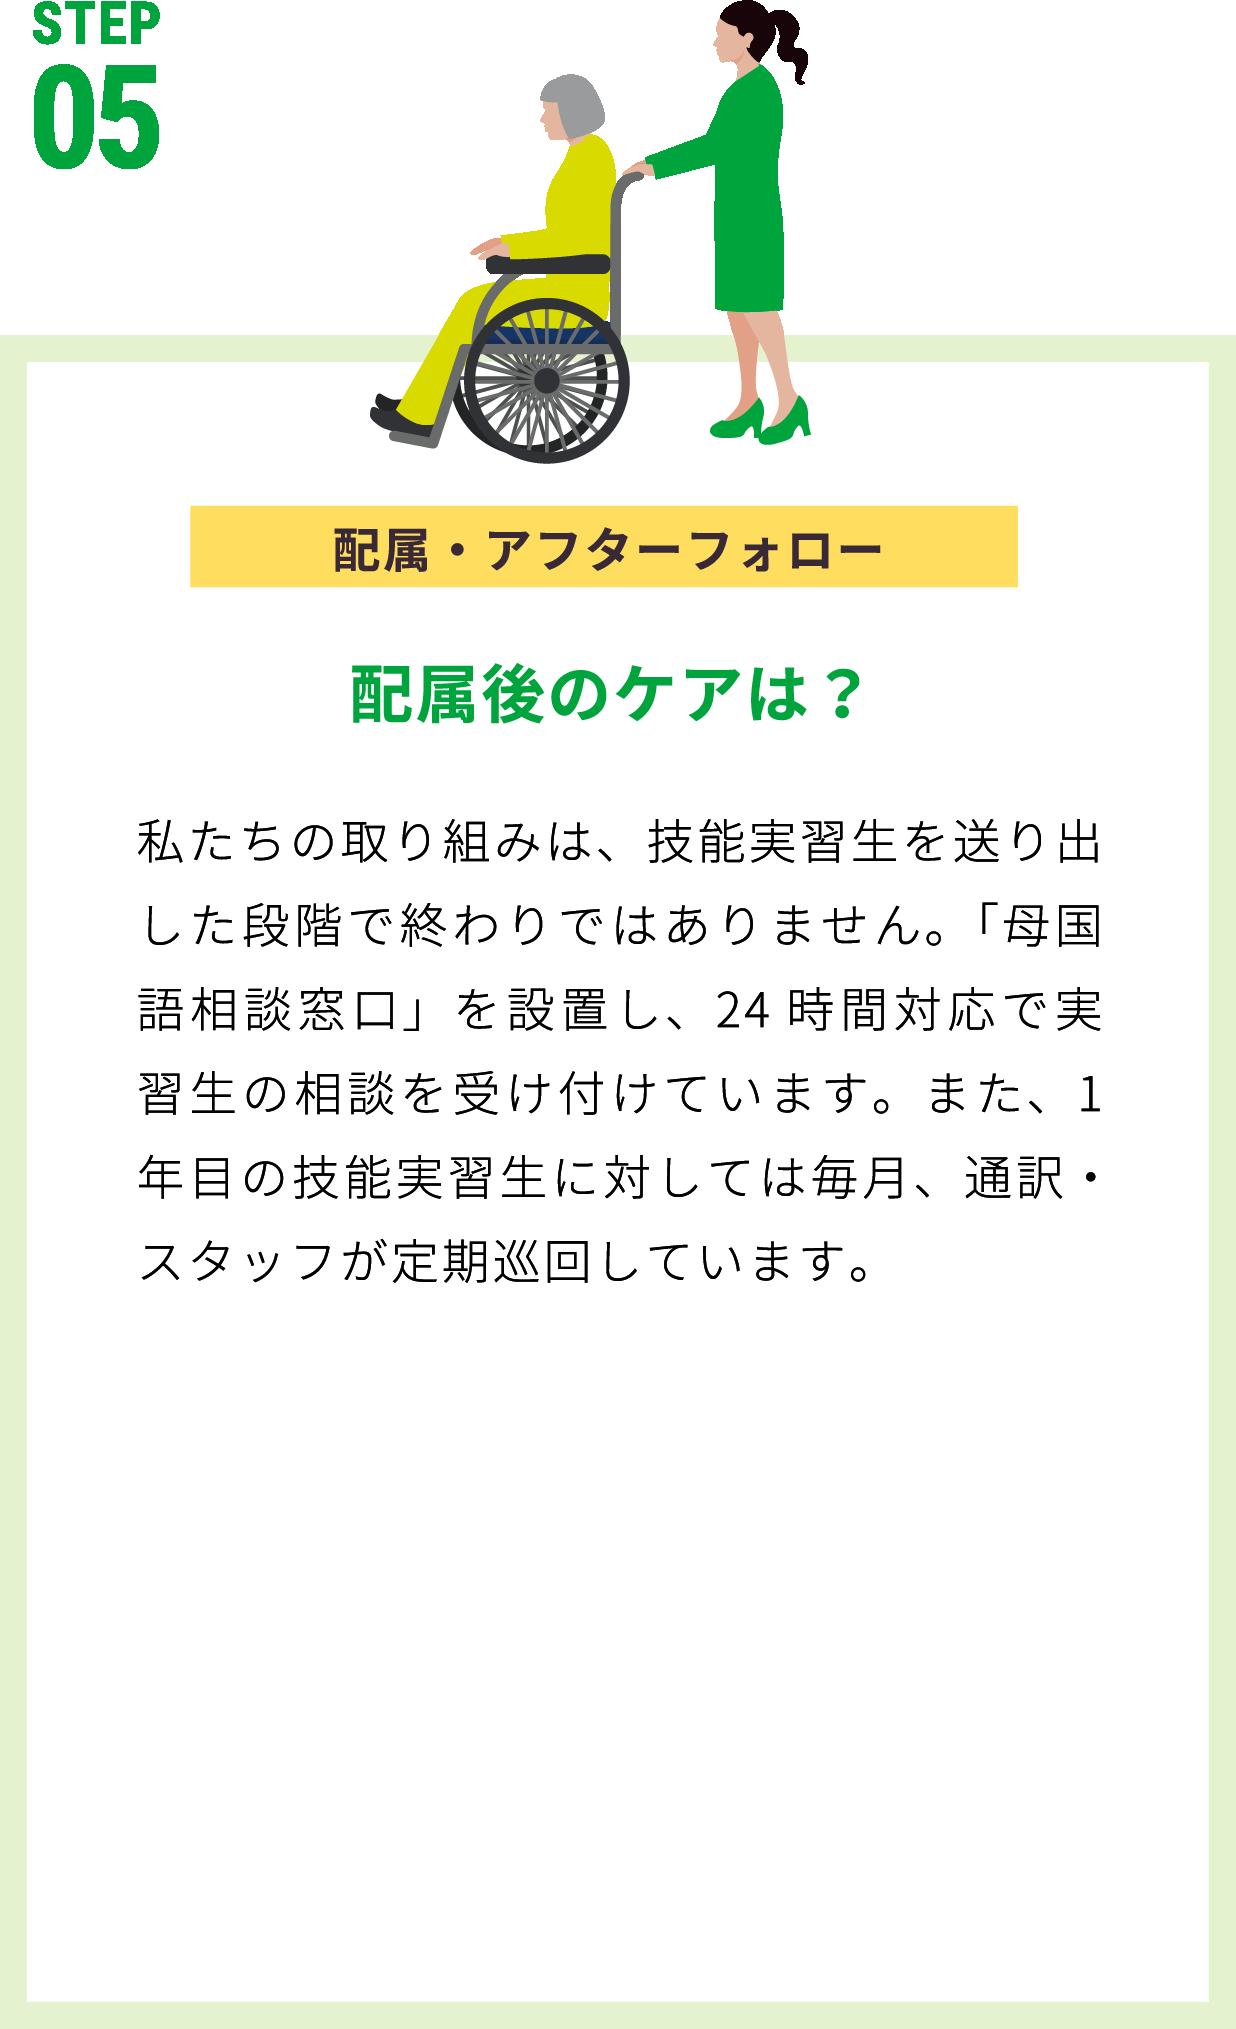 配属・アフターフォロー